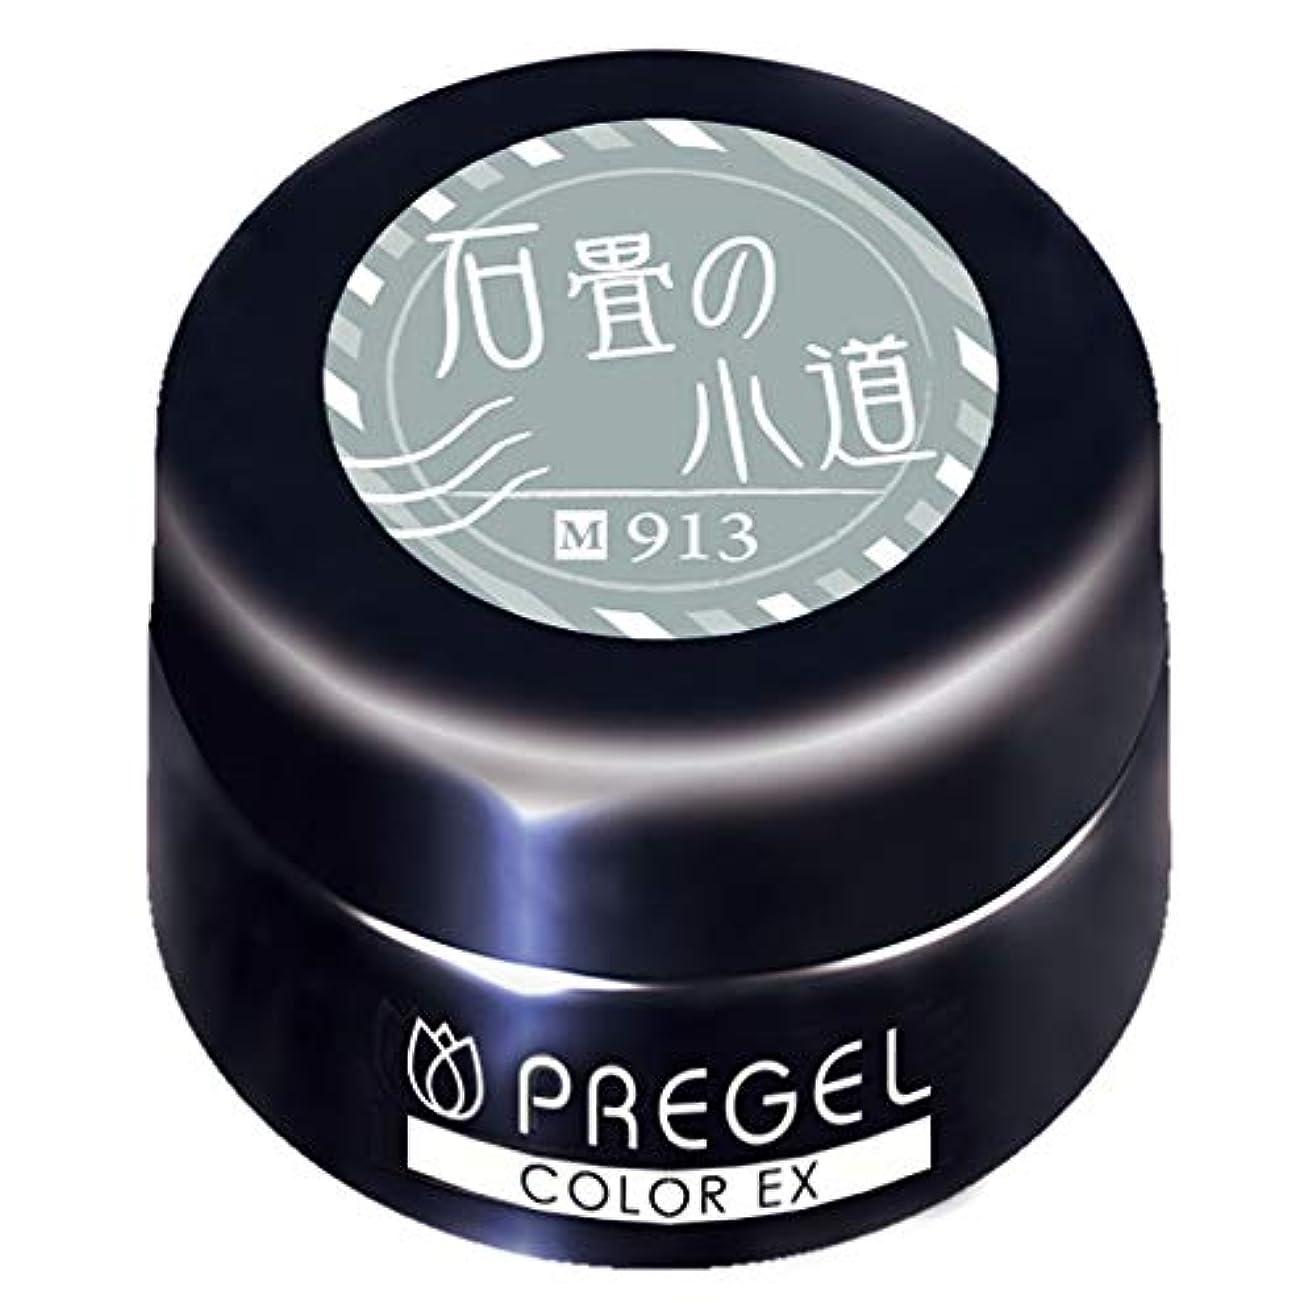 魔女彼談話PRE GEL カラーEX 石畳の小道913 3g PG-CE913 UV/LED対応